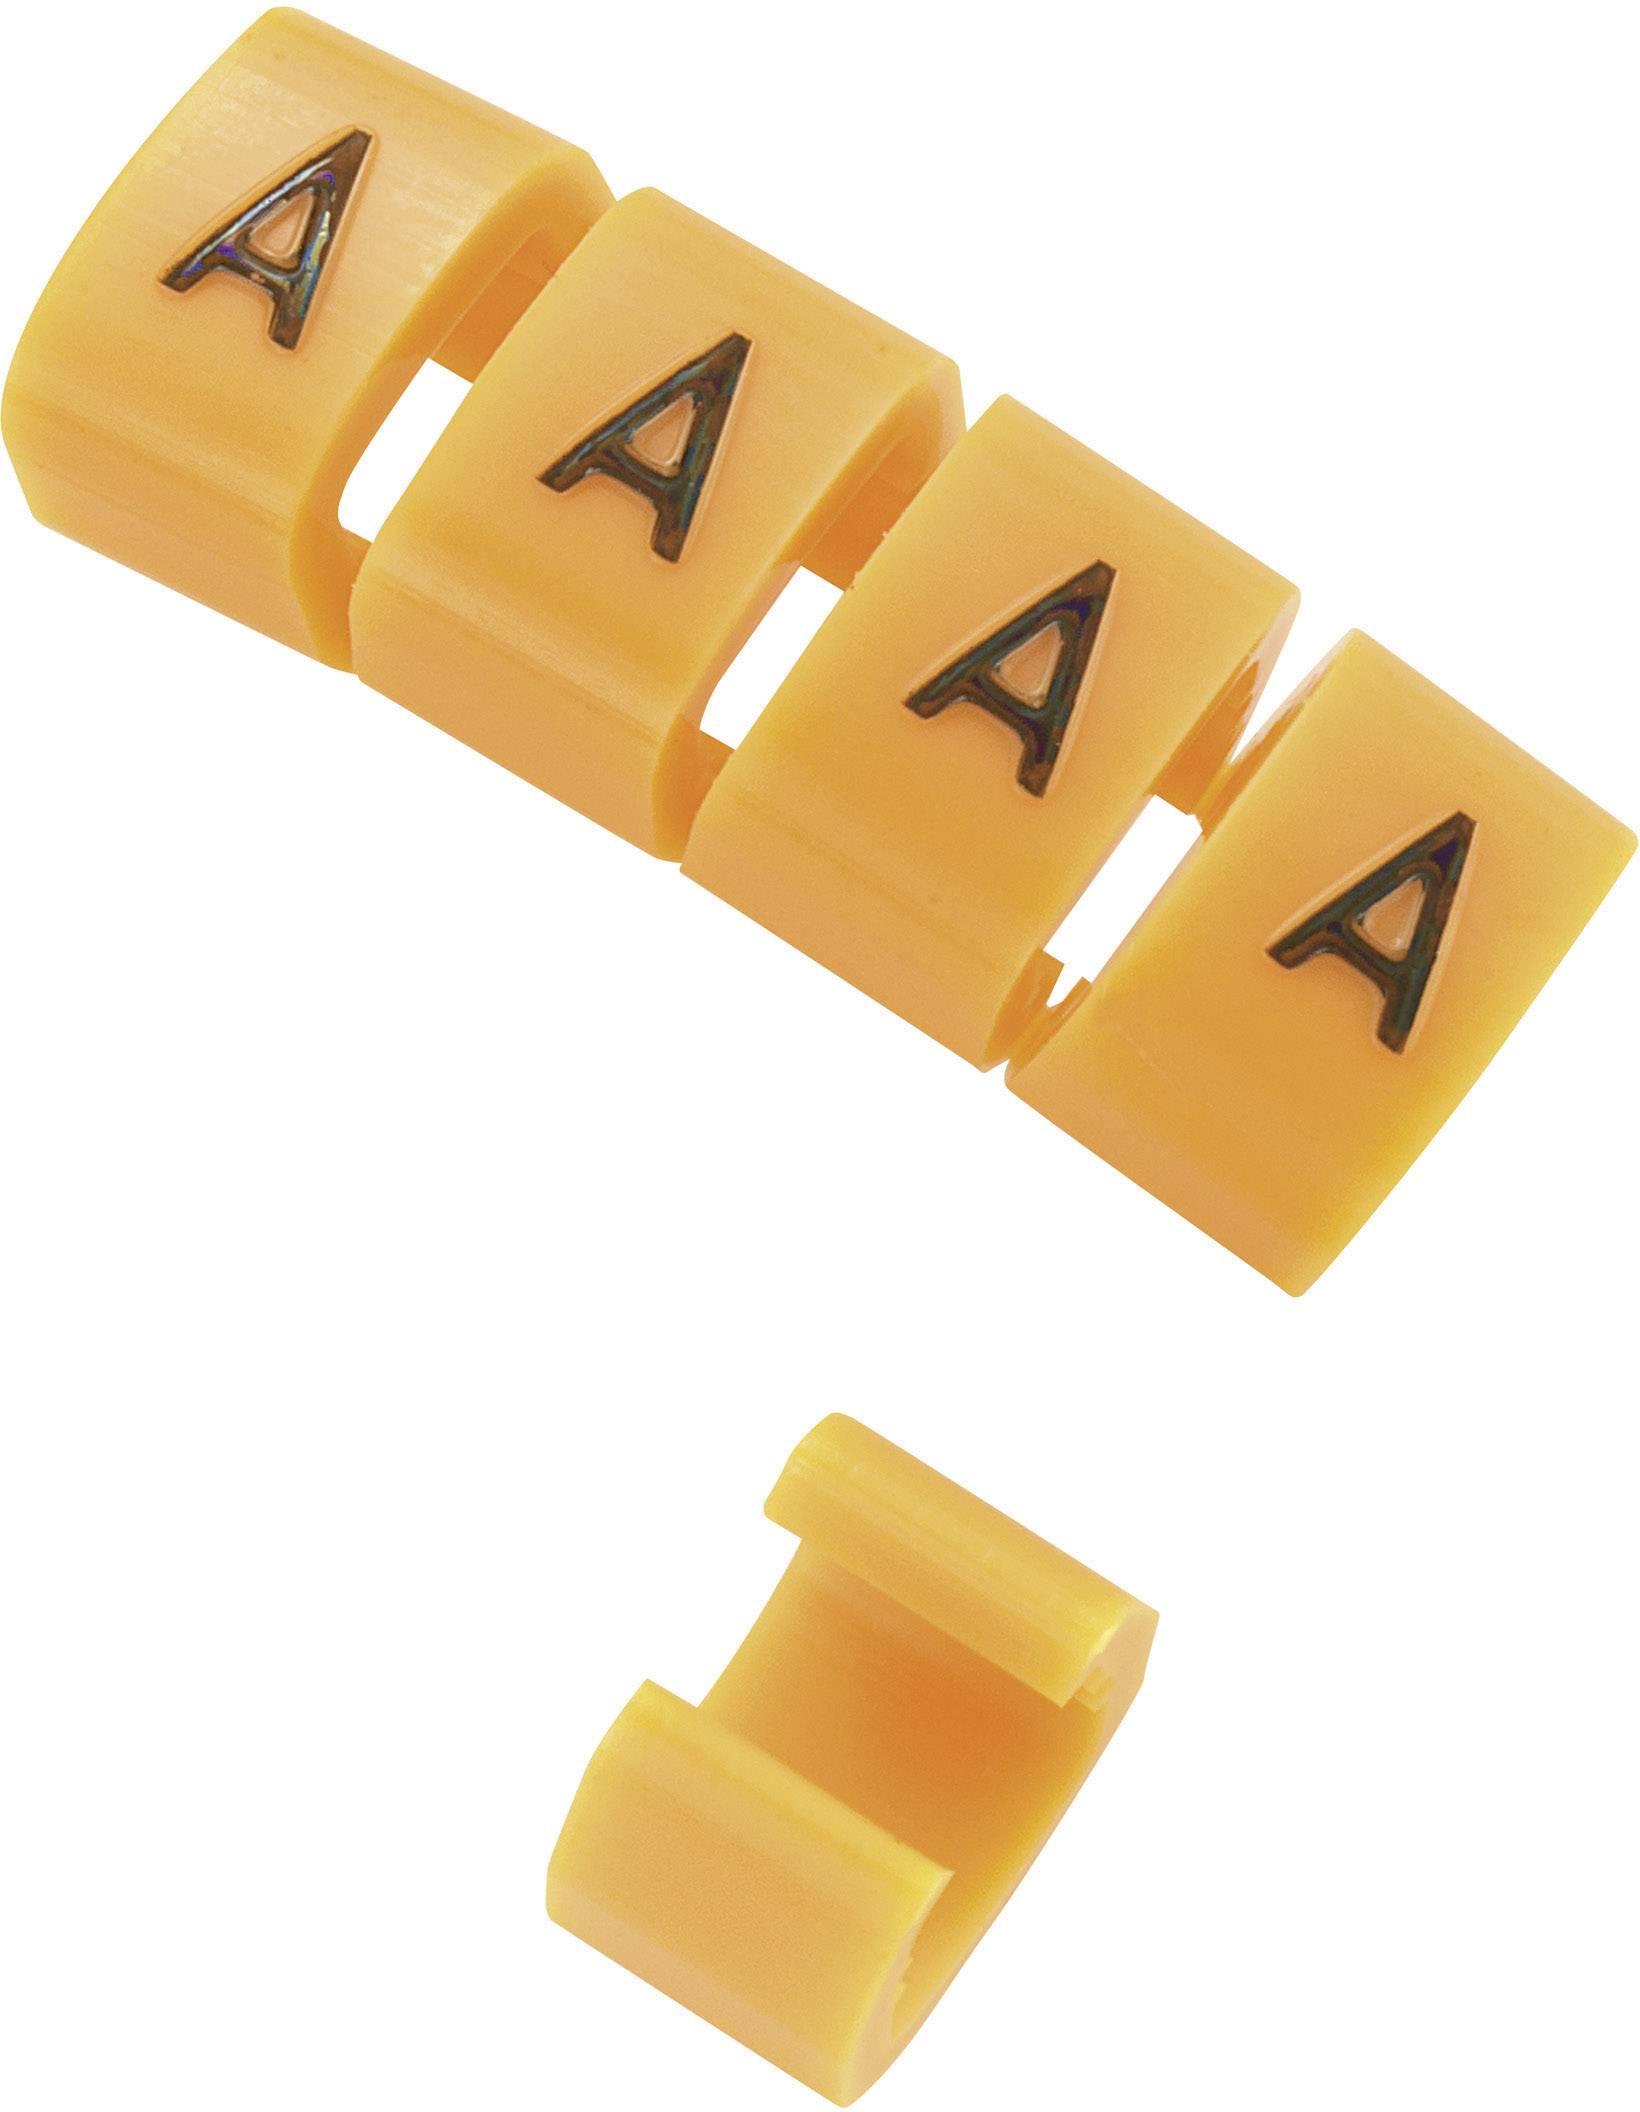 Označovacie objímka na káble KSS MB2/X, oranžová, 10 ks